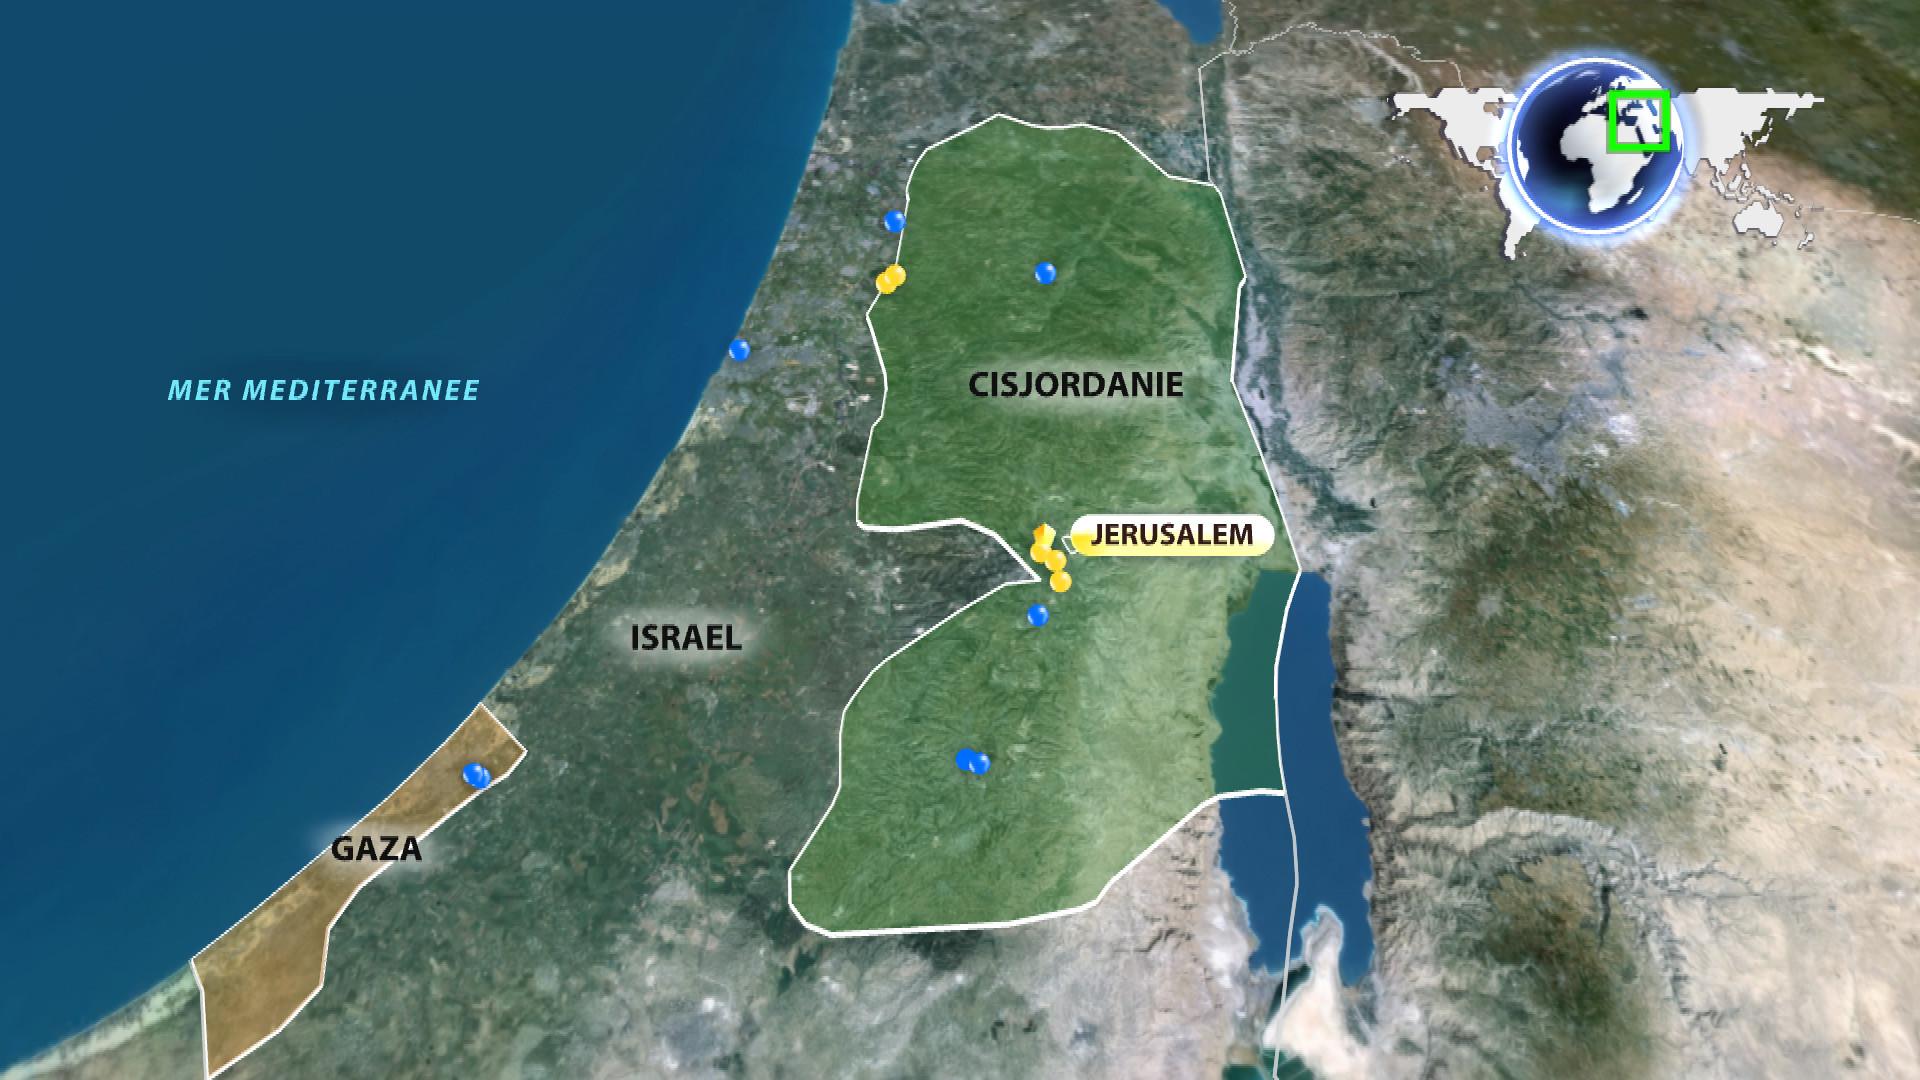 Attaques au couteau, Palestiniens tués, manifestations – le point sur la situation en Israël